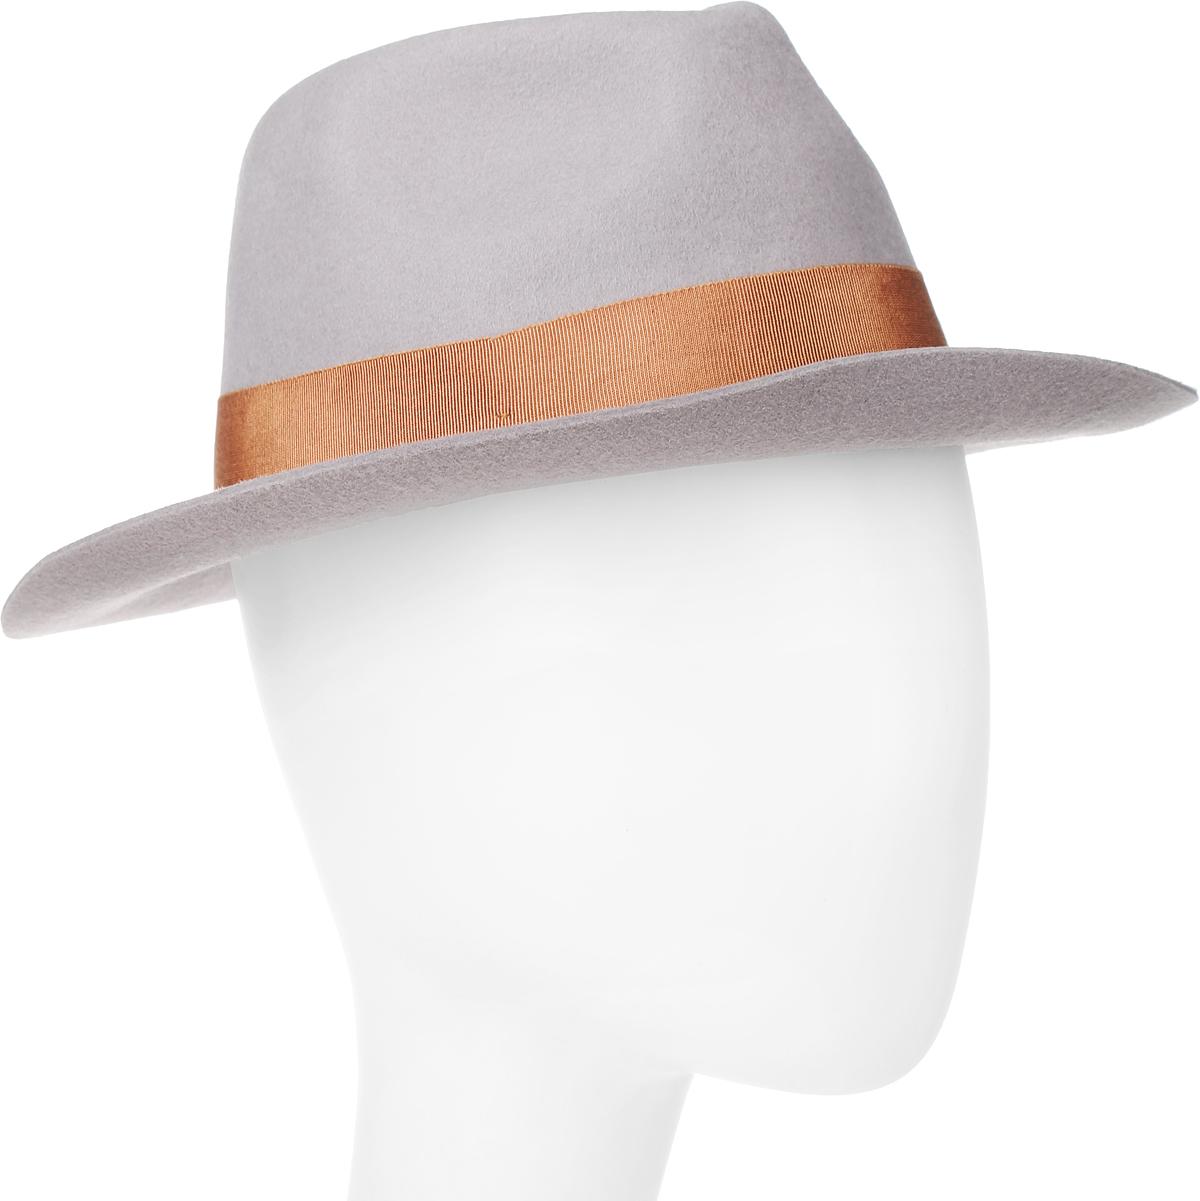 Шляпа100-9877Элегантная шляпа Goorin Brothers, выполненная из высококачественного мягкого фетра, дополнит любой образ. Модель с А-образной тульей с продольным заломом и слегка изогнутыми вверх полями. Внутри модель дополнена плотной тесьмой для комфортной посадки изделия по голове. Шляпа-федора по тулье оформлена широкой репсовой лентой с бантом и дополнена металлическим элементом в виде логотипа бренда. Такая шляпа подчеркнет вашу неповторимость и прекрасный вкус.